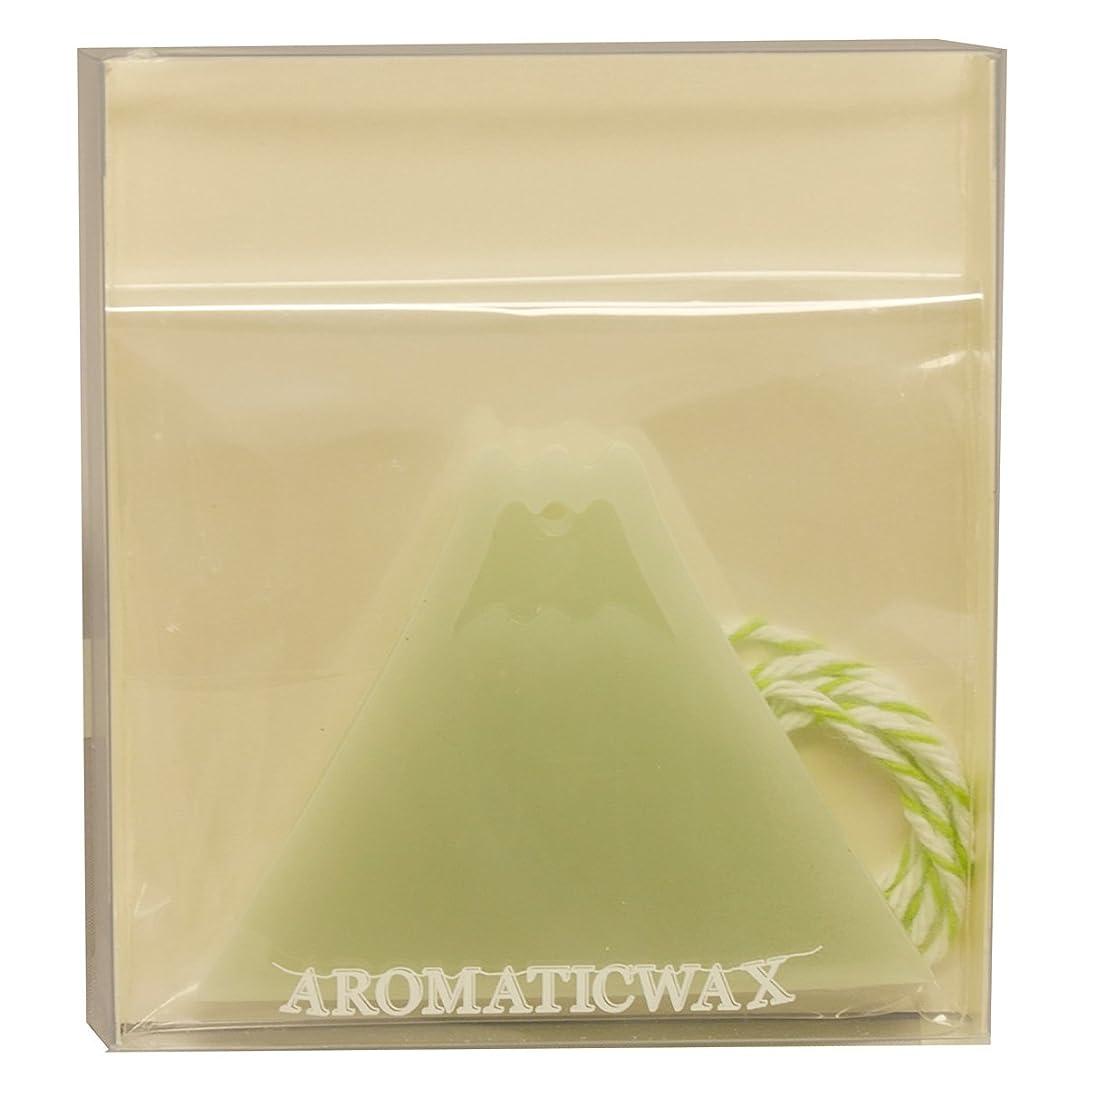 寄託悪意八GRASSE TOKYO AROMATICWAXチャーム「富士山」(GR) レモングラス アロマティックワックス グラーストウキョウ